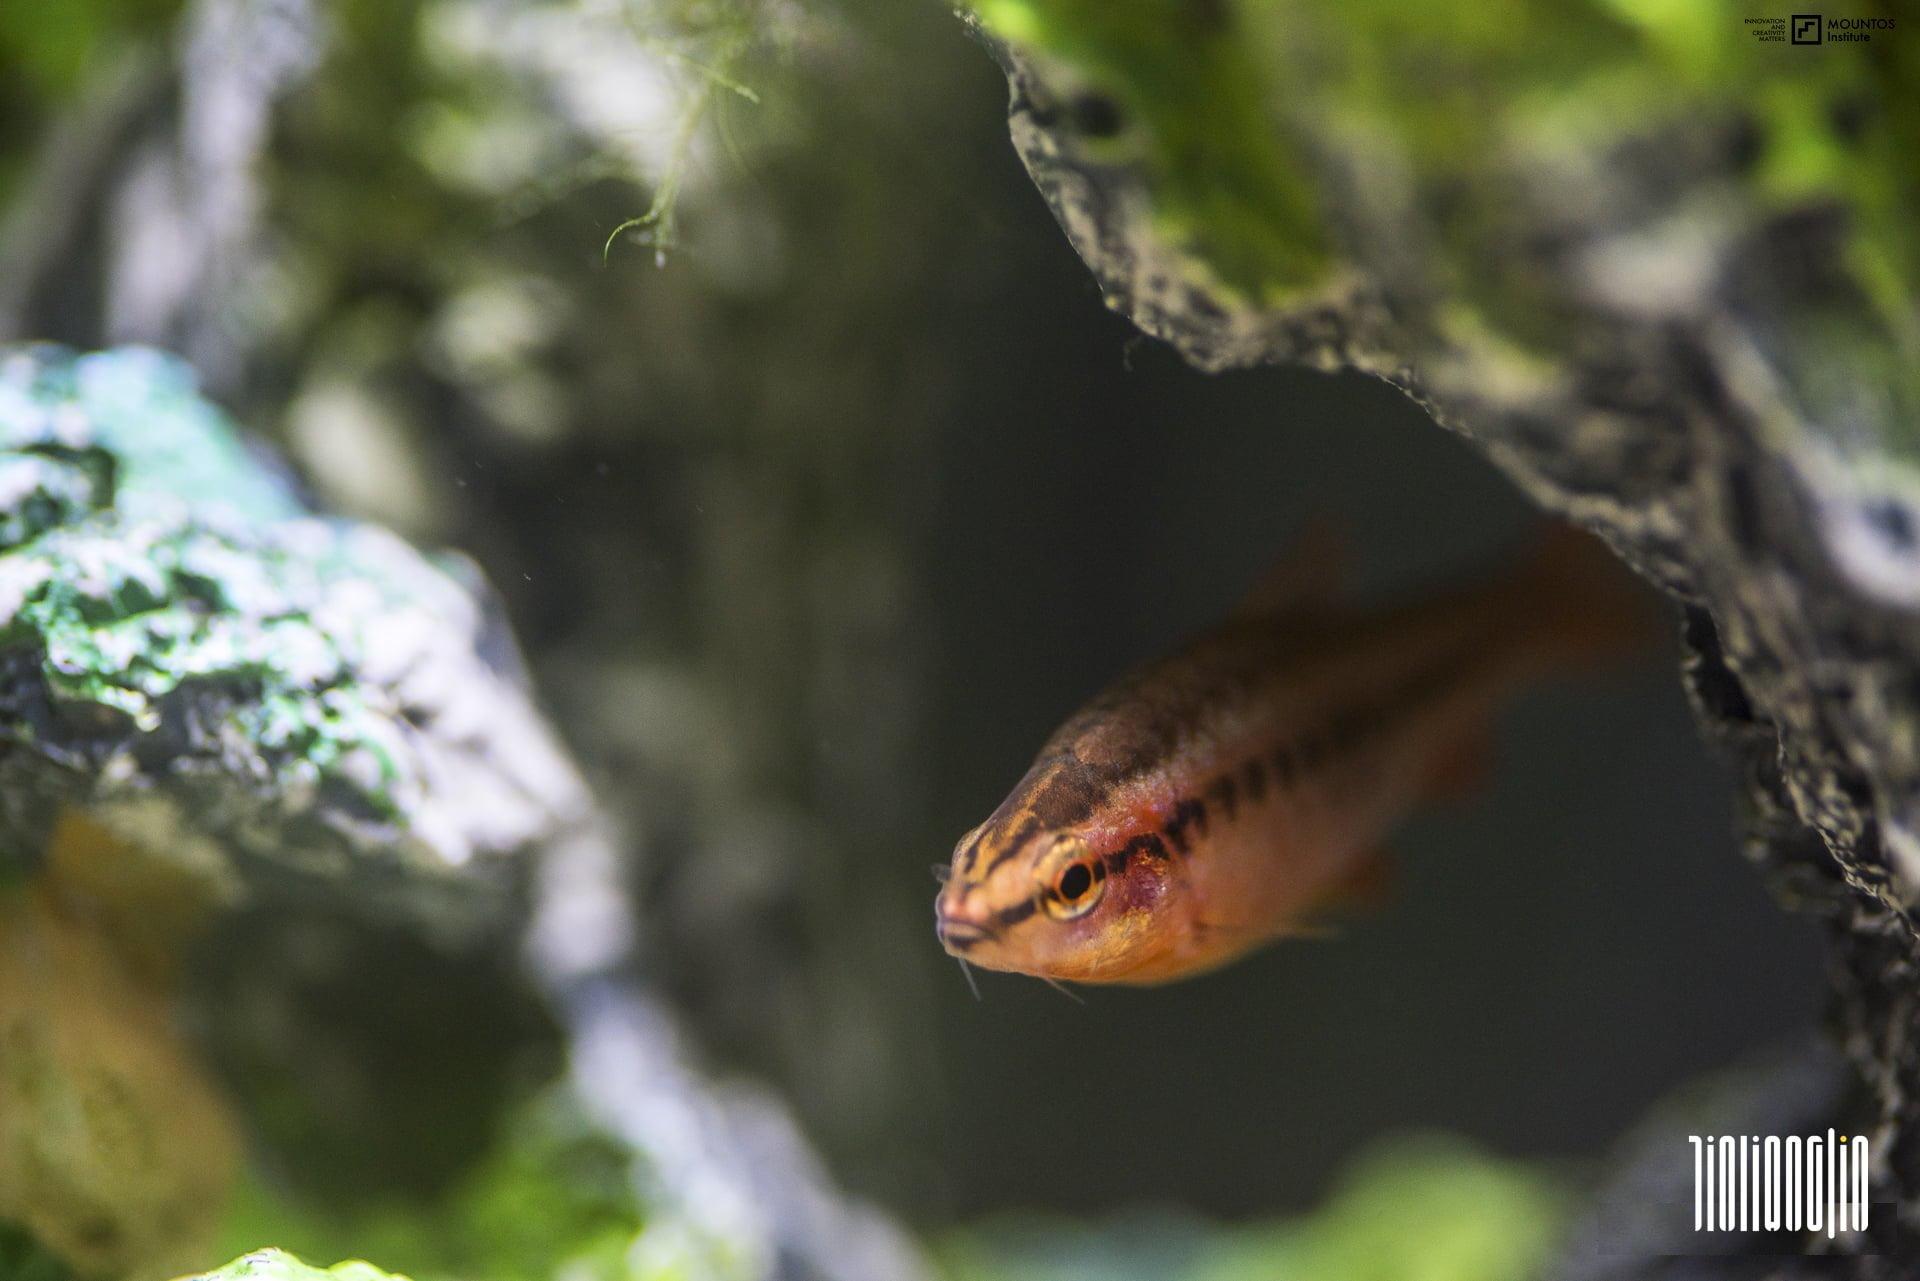 魚缸日記:蓮花缸小世界的蓋斑鬥魚家族